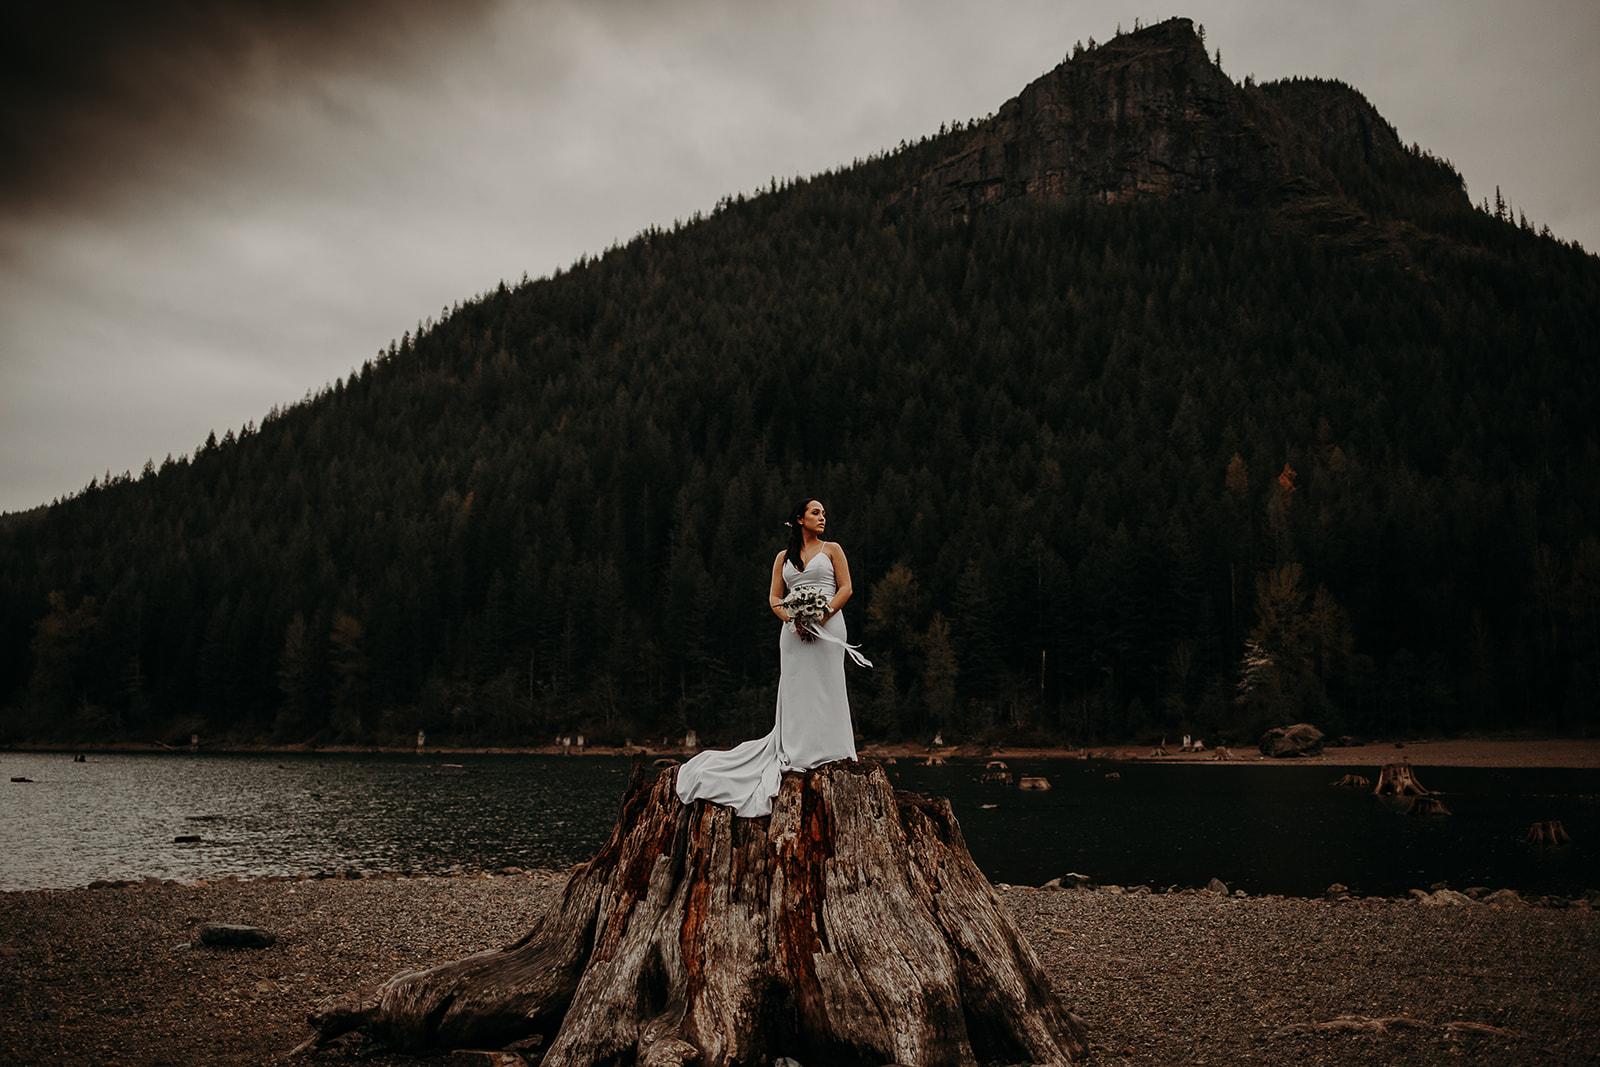 winter-mountain-elopement-asheville-wedding-photographer-megan-gallagher-photographer (81).jpg